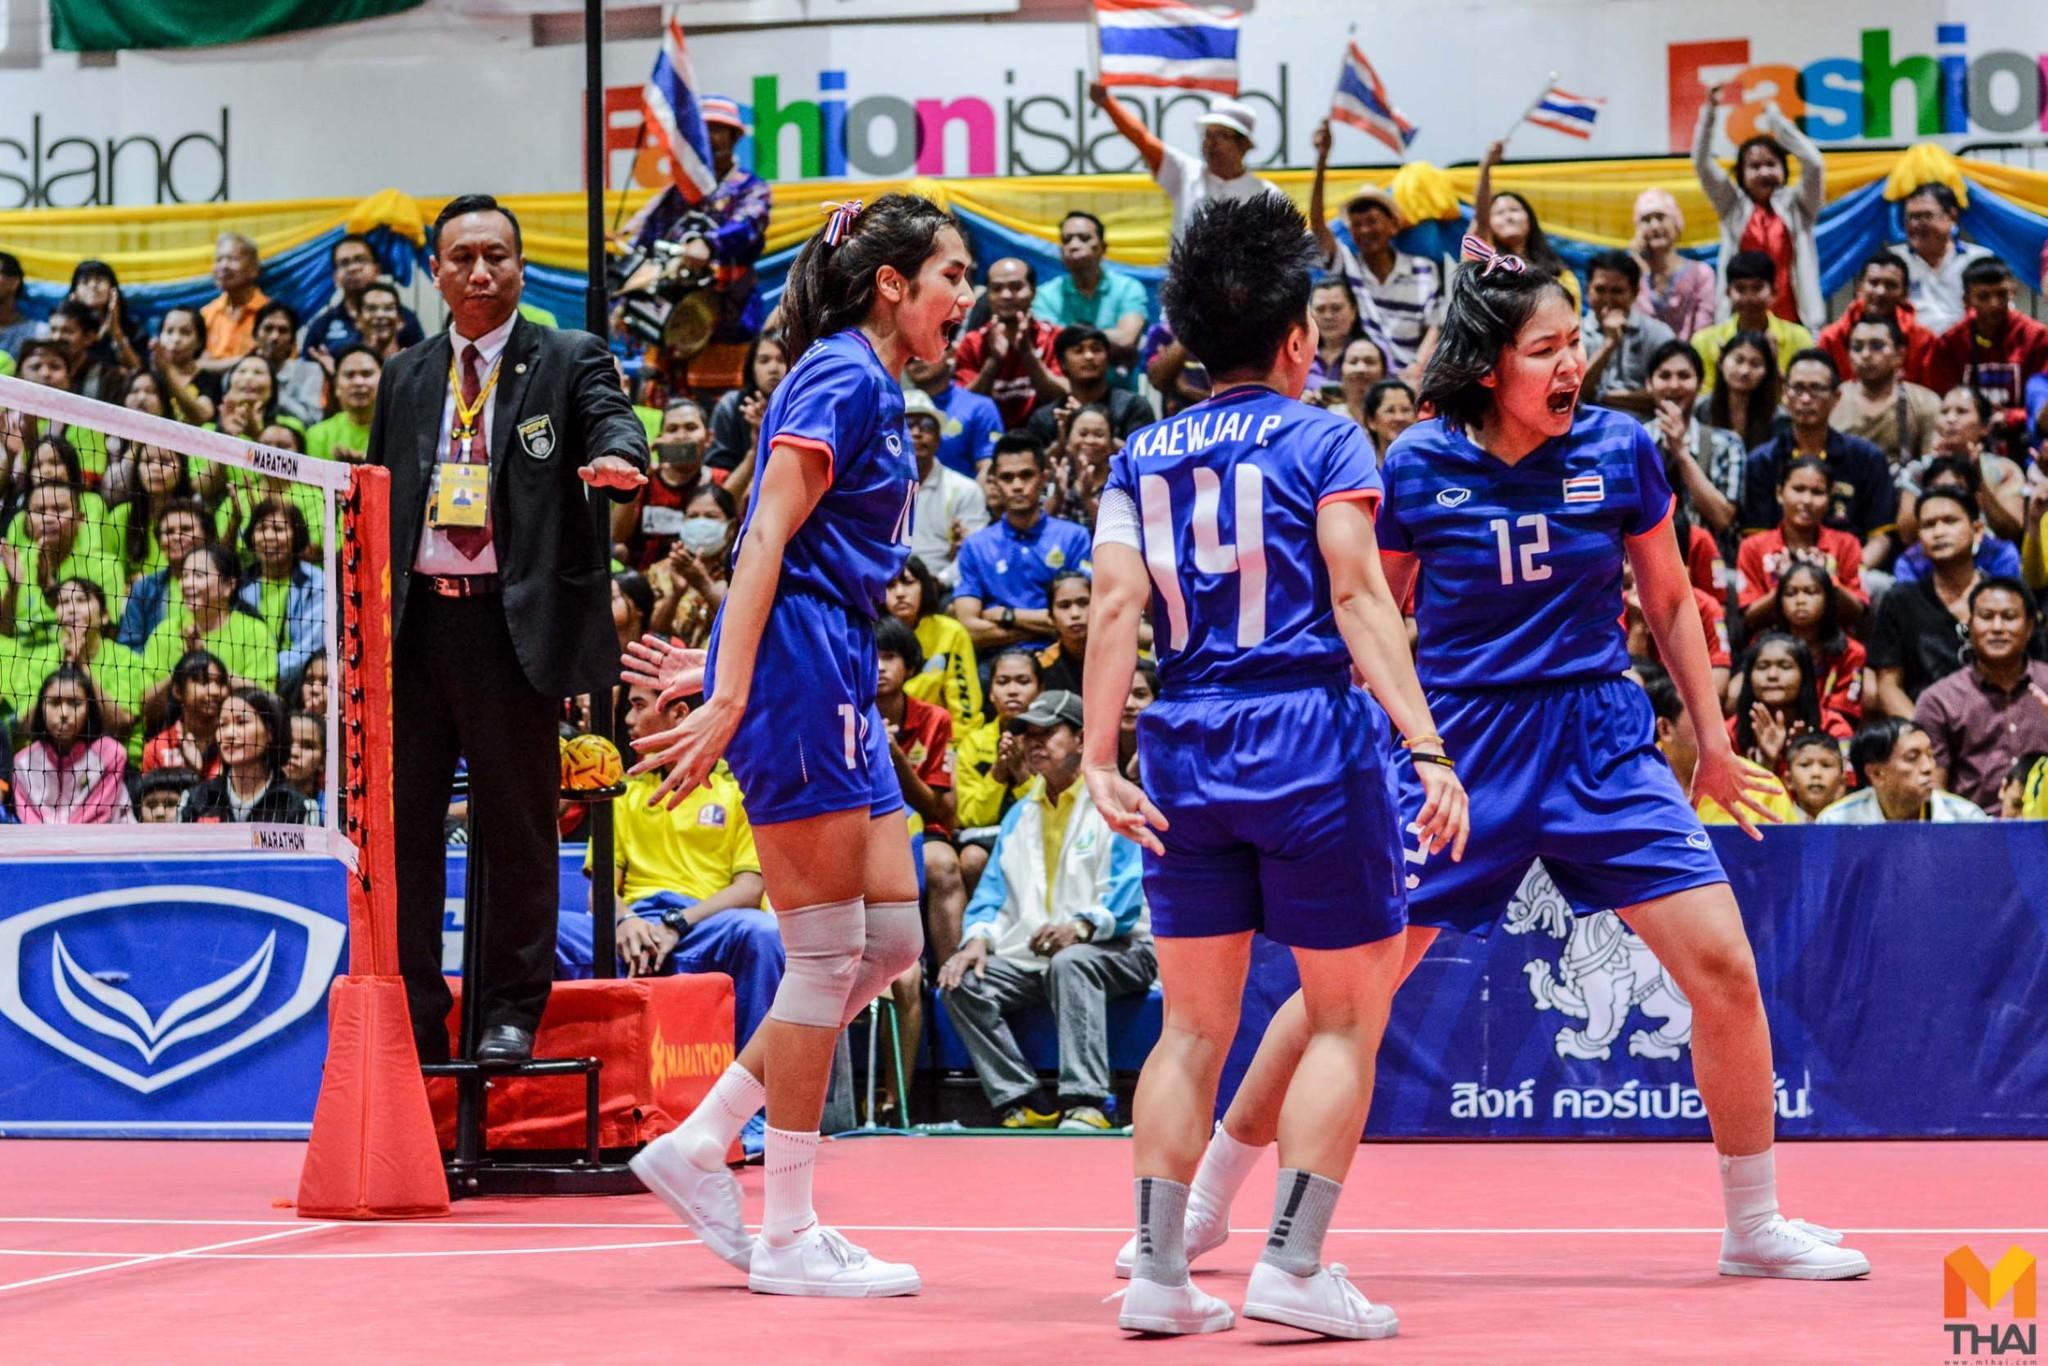 ซีเกมส์ 2019 ตะกร้อ ตะกร้อหญิงทีมชาติไทย